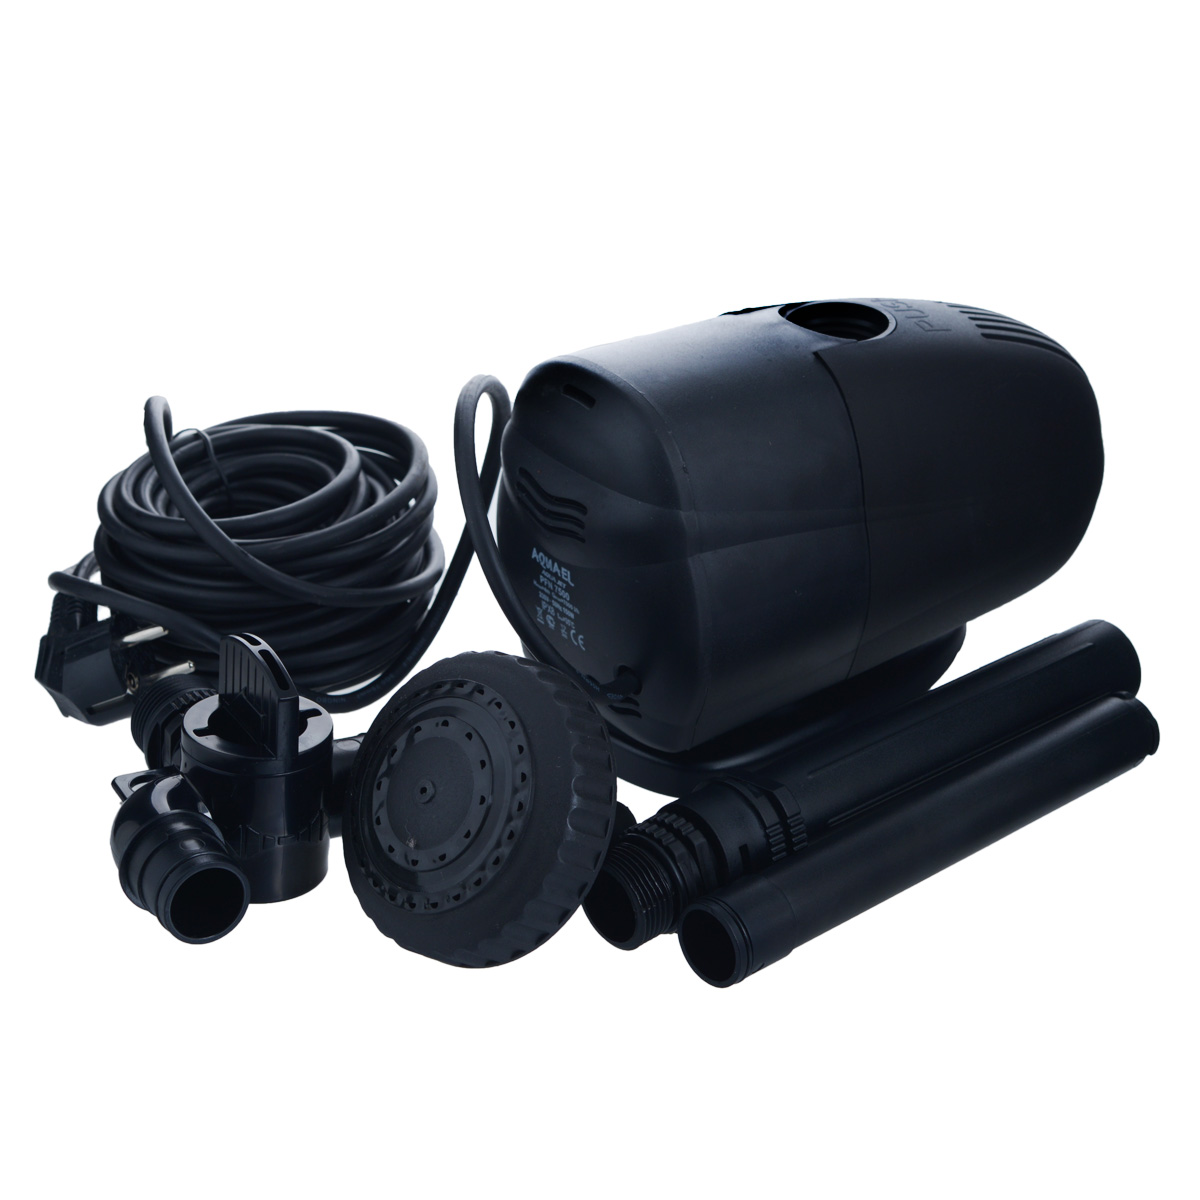 Насос фонтанный Aquael. PFN-7500FS-80264Насос фонтанный Aquael предназначен для помпования и фильтрации воды в фонтанах, каскадах, водоемах, садовых прудах и приусадебных бассейнах.Может использоваться также в других условиях, например, в садоводстве, в домашнем или сельском хозяйстве, при разведении рыб или животных, на строительных площадках и т.д. Небольшие размеры, значительная производительность и возможность регуляции, а прежде всего, простота конструкции, делает насос универсальным и эффективным. Для расширения возможности фонтана можно использовать дополнительные аксессуары из ассортимента Aquael. Максимальная температура: 35°C.Максимальная высота фонтана: 4 м.Размер насоса: 23 см х 12 см х 14 см.Длина кабеля: 10 м.Мощность: 7000 л/ч.